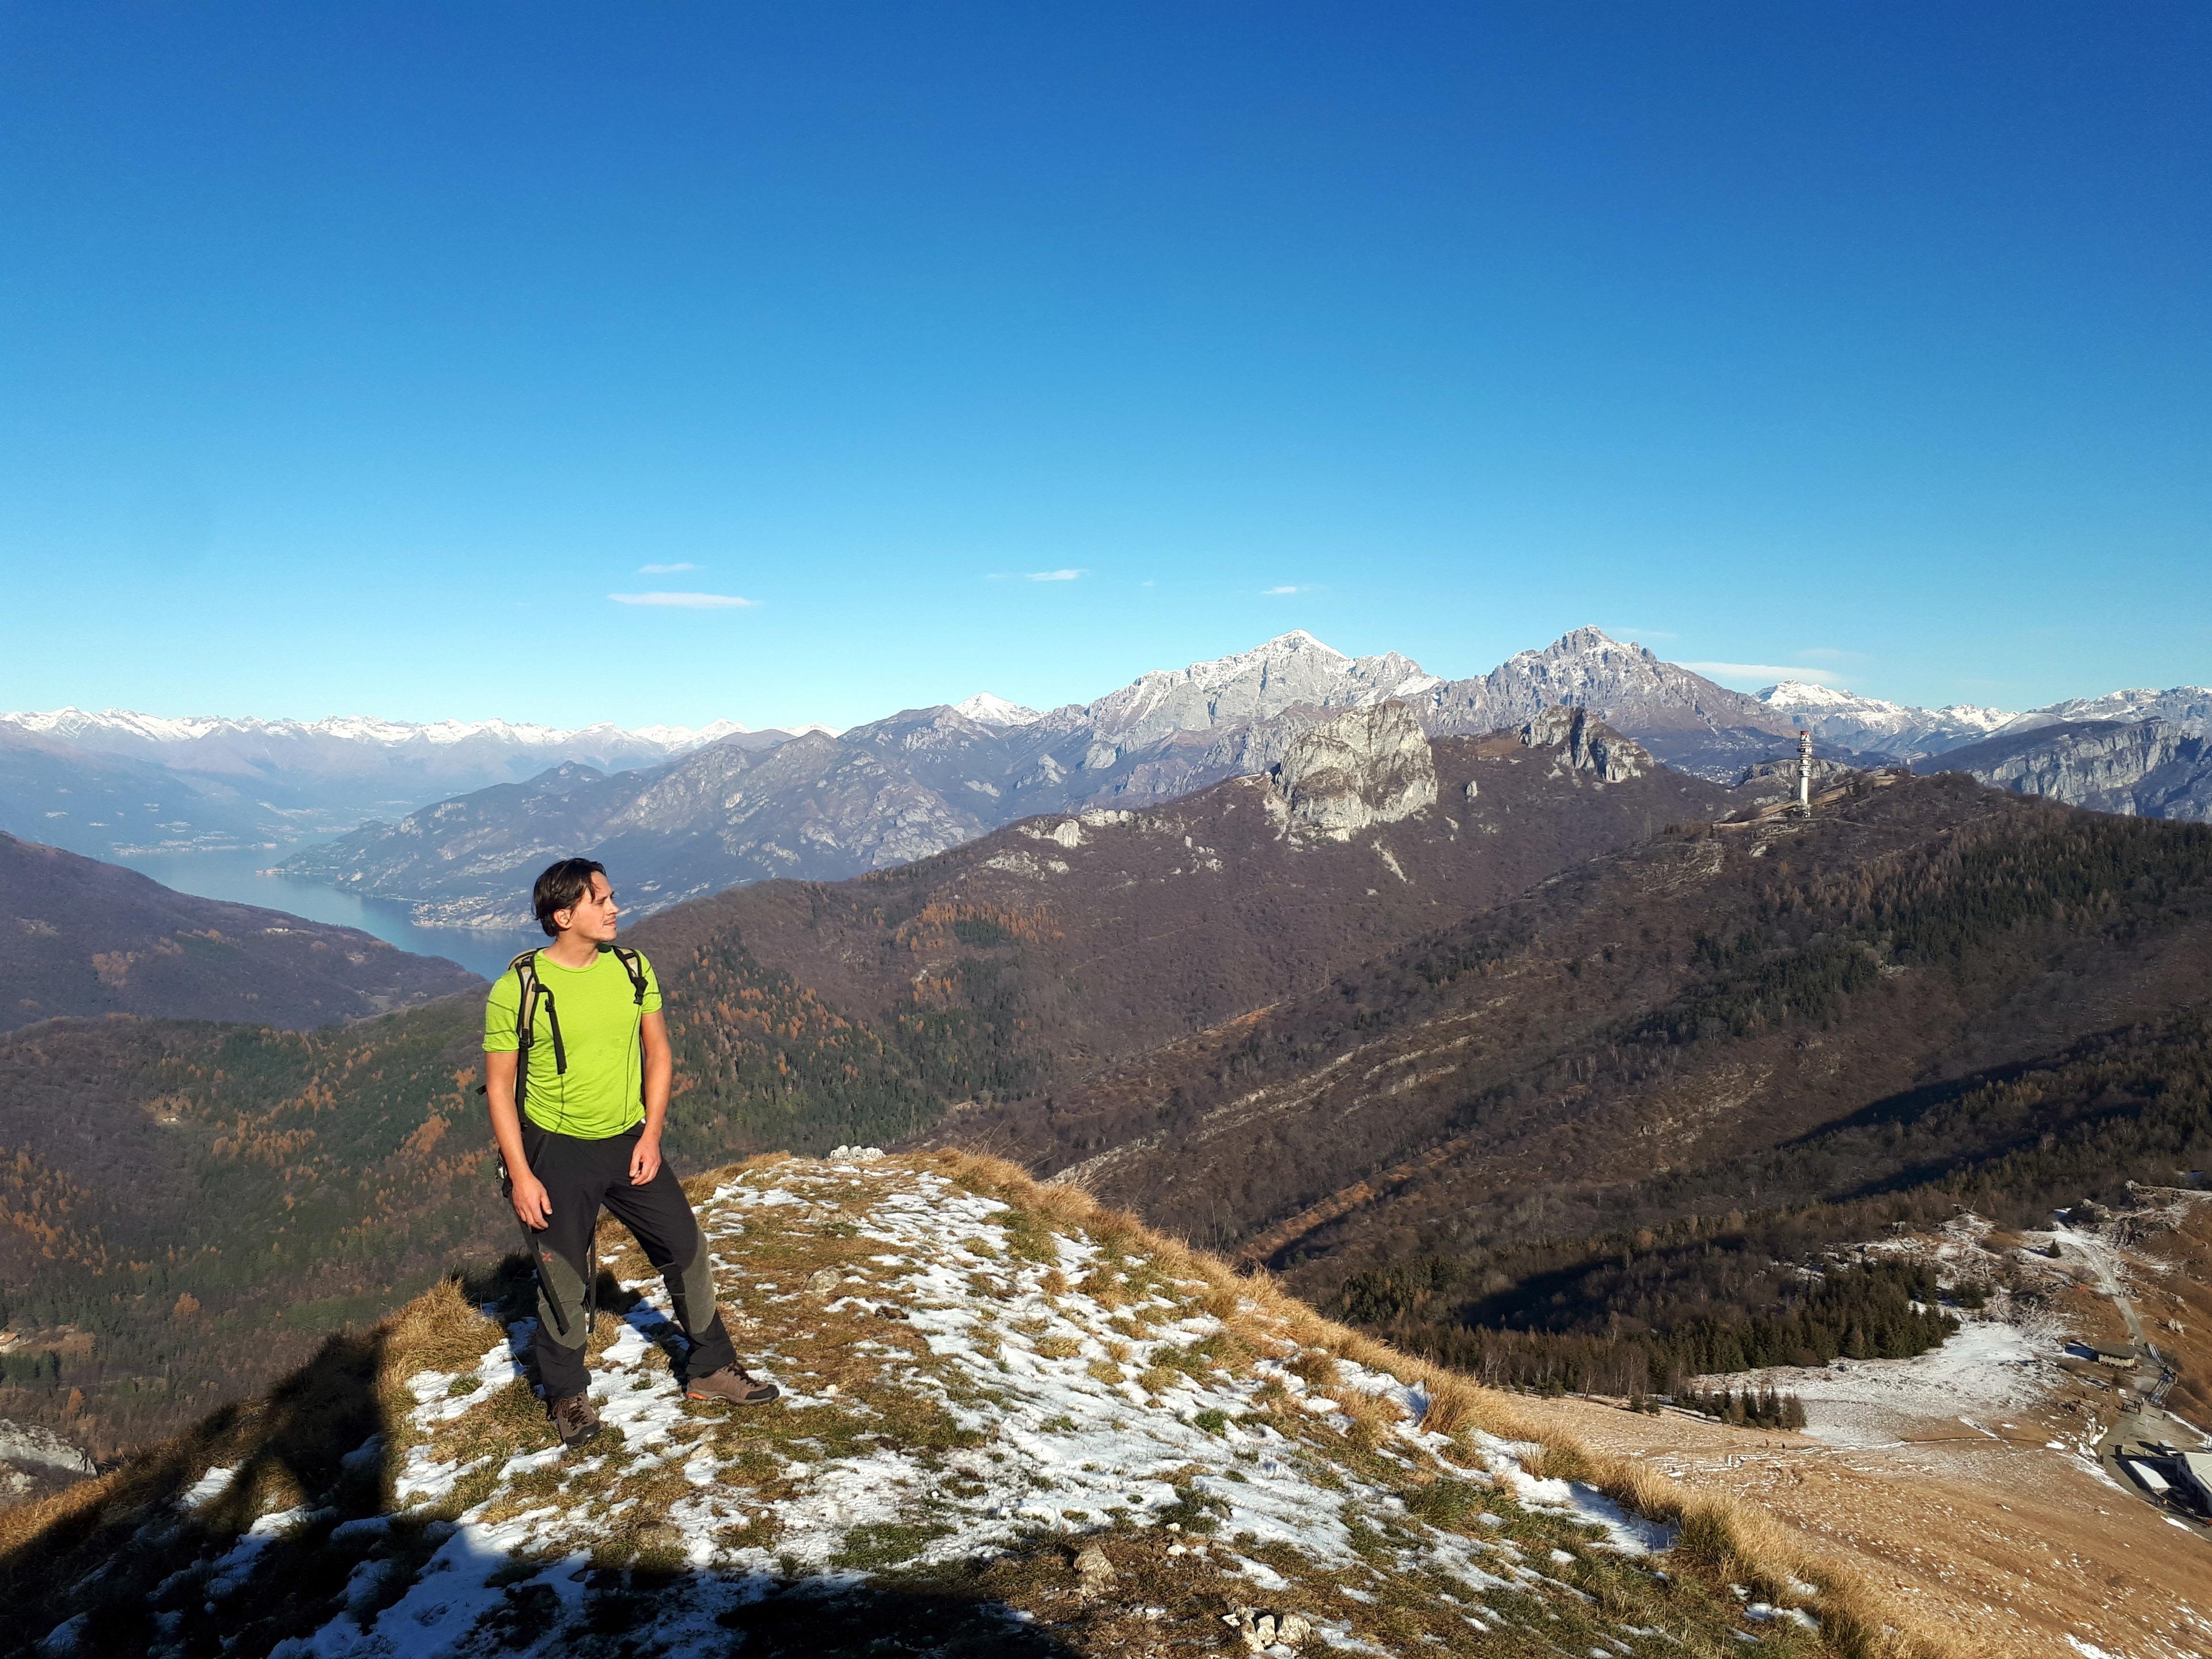 Dalla cresta del Cornizzolo, guardando a nord c'è una bella vista sulle Grigne, sui Corni di Canzo e sul lago di Como